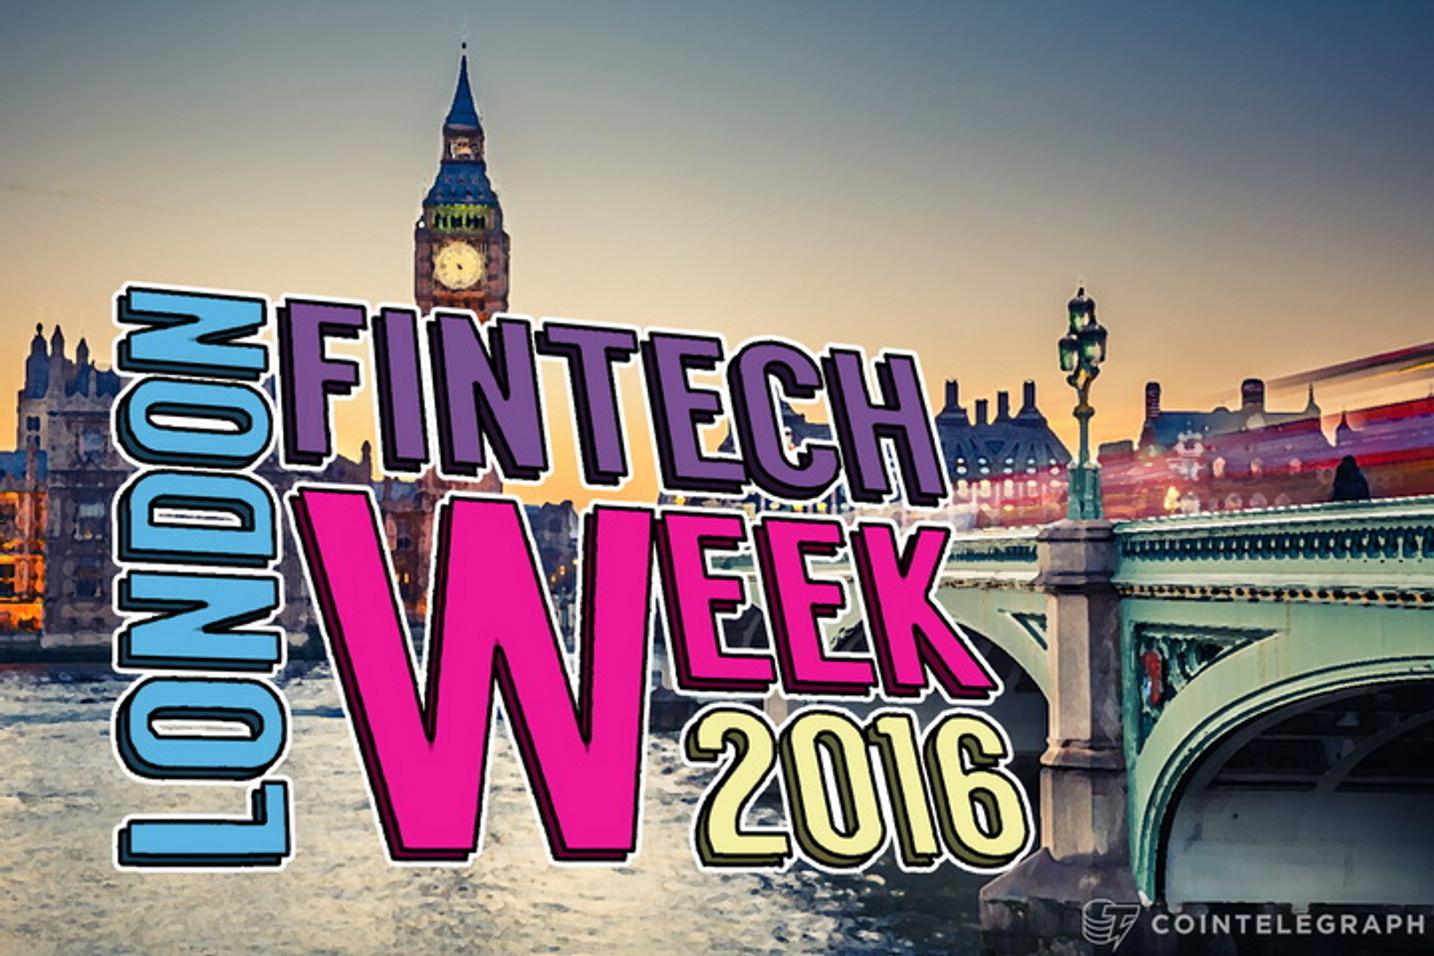 Global Fintech Masterminds to Attend London Fintech Week 2016